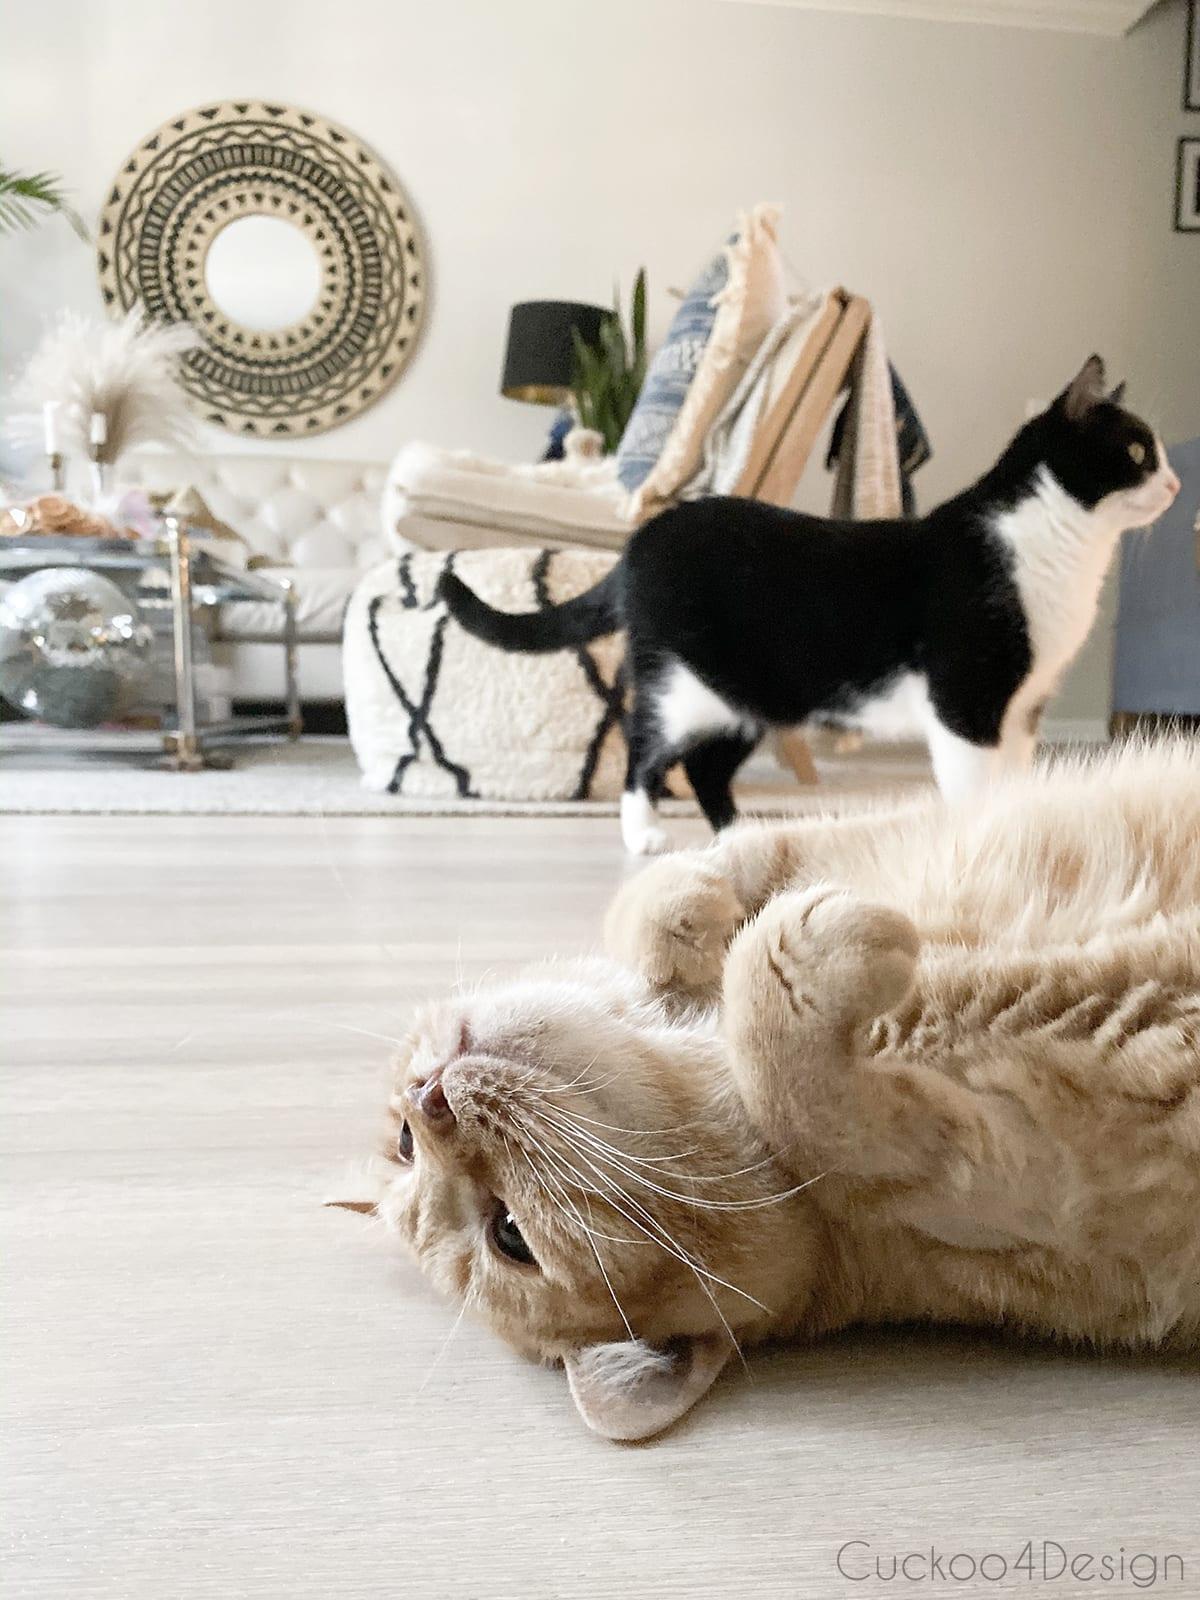 cat rolling around on pet friendly floor